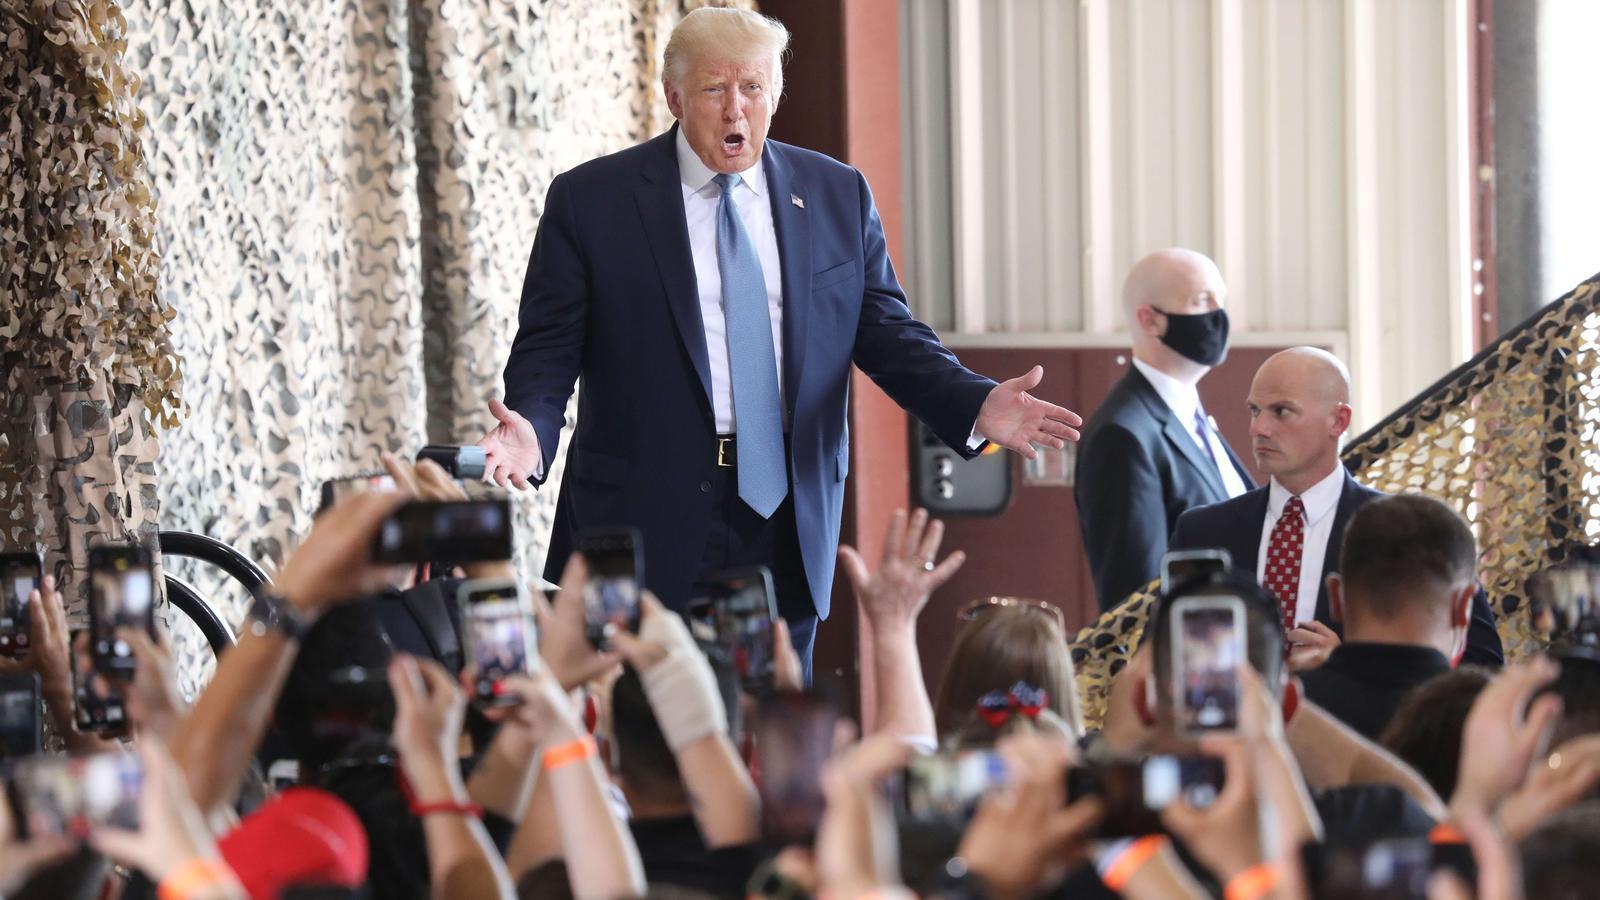 Trump atura les negociacions comercials amb la Xina per la pandèmia